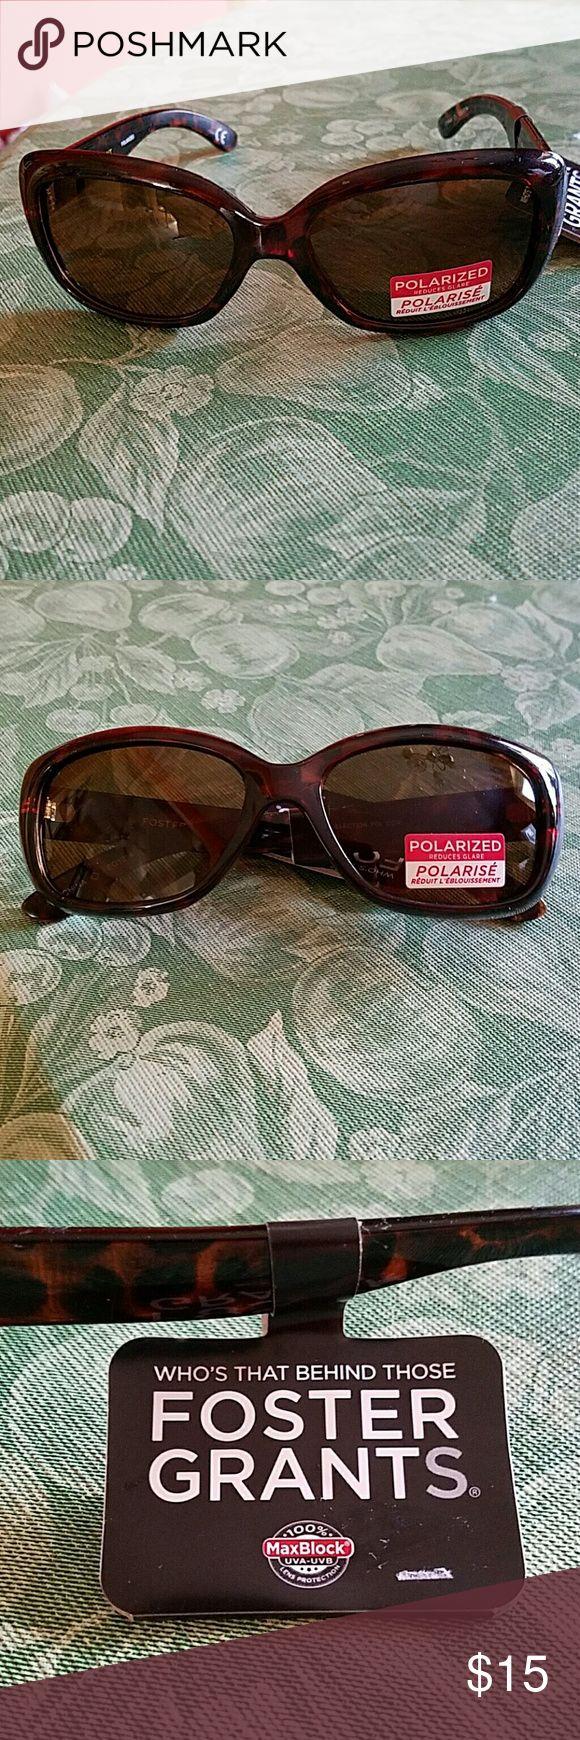 Foster Grant Sunglasses Polarized to reduce glare Foster Grant Accessories Sunglasses